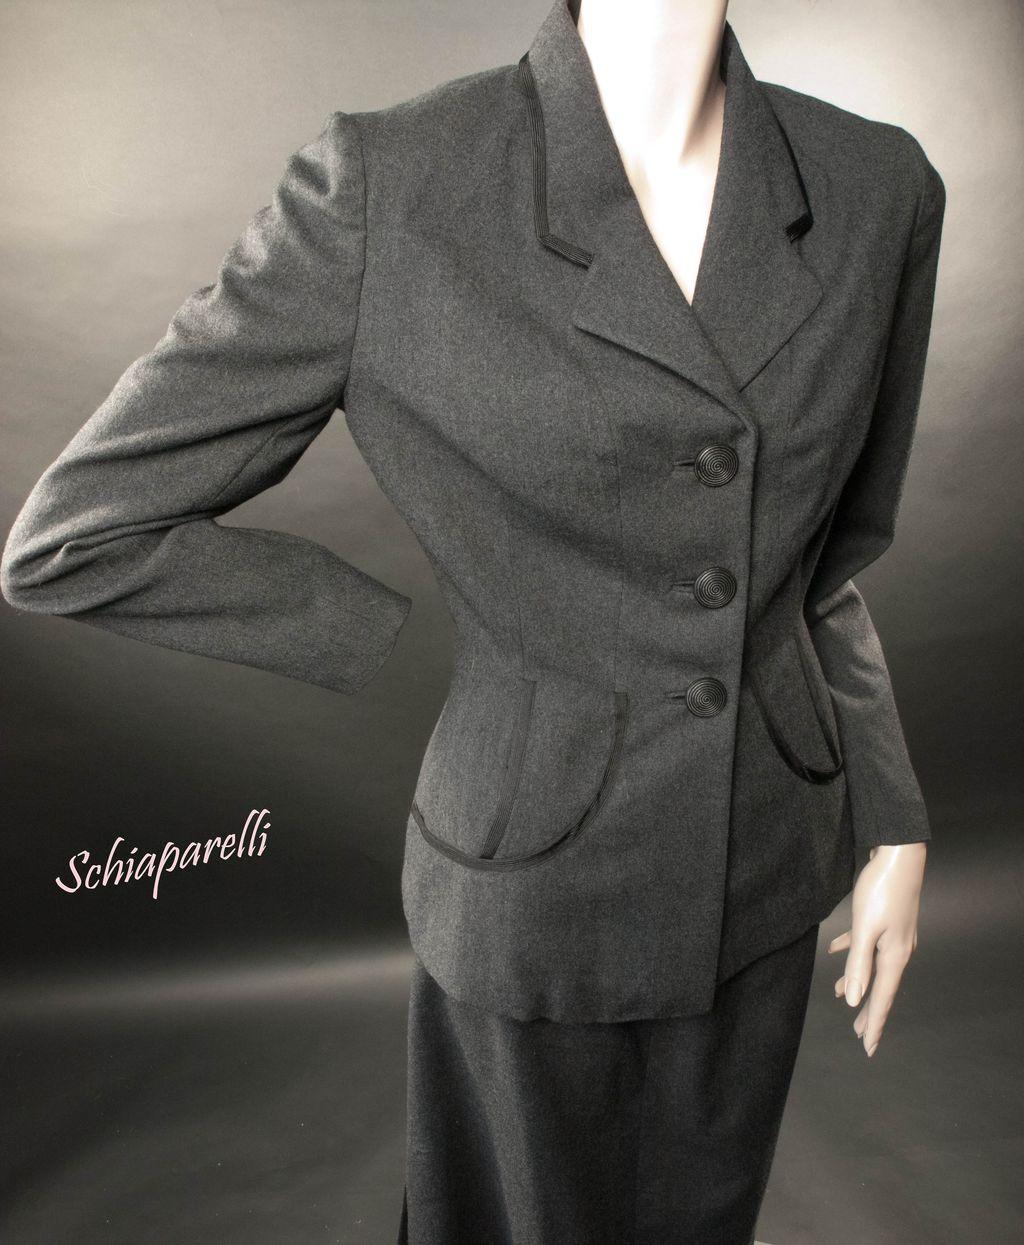 Schiaparelli Suit  Late 1940's Classic & Exceptional